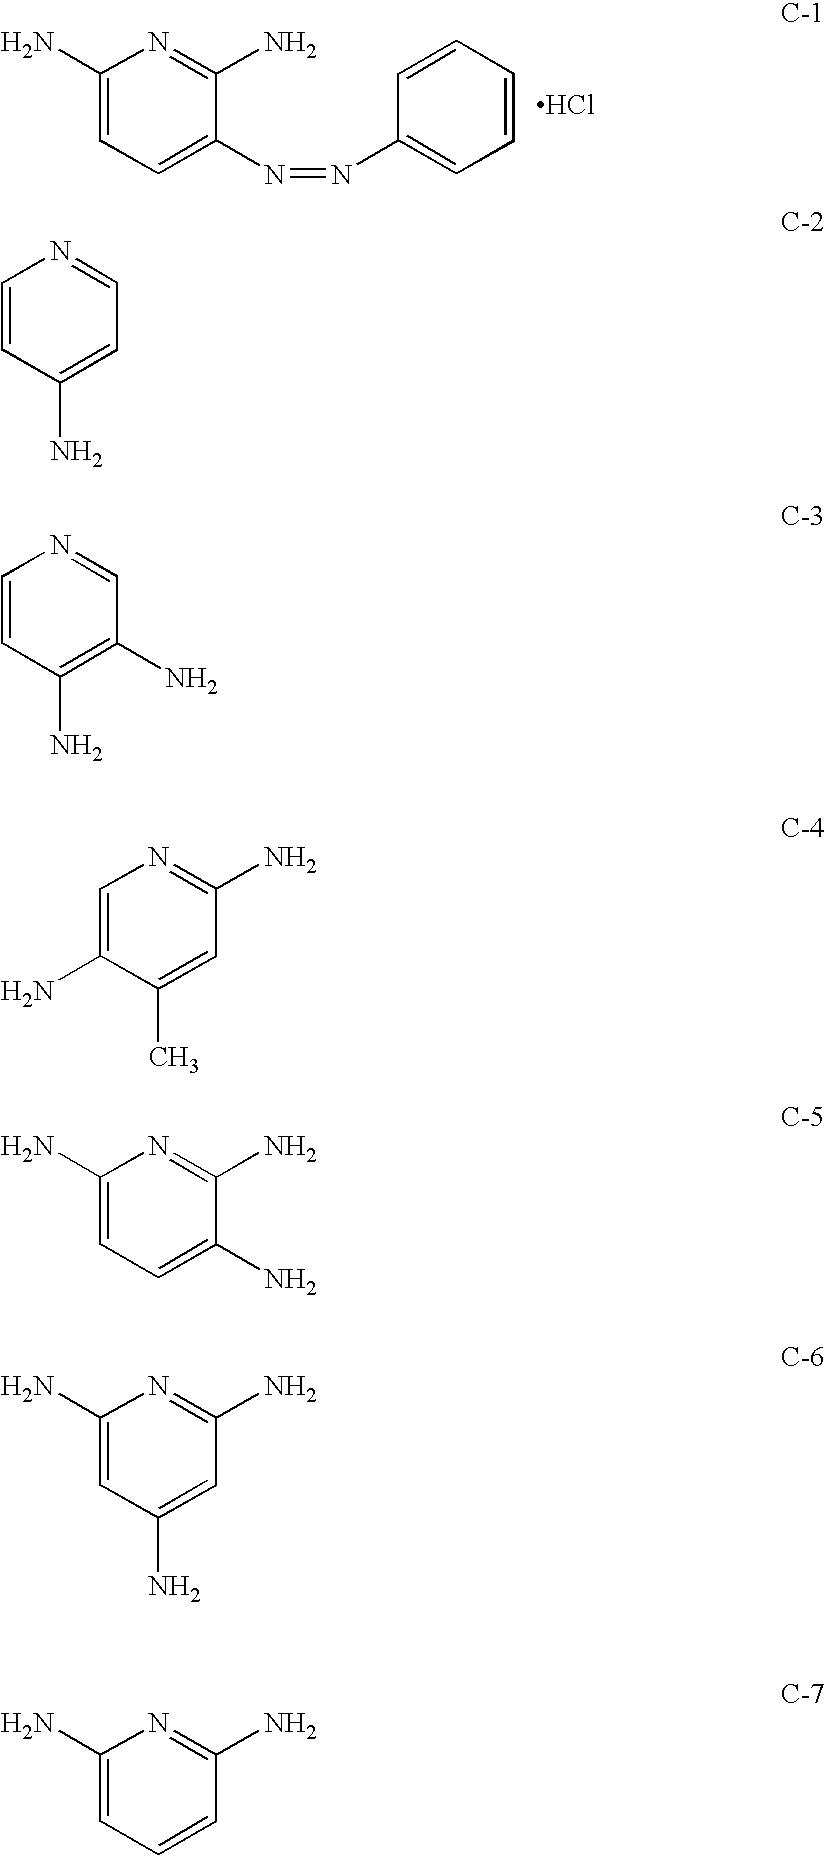 Figure US20070299043A1-20071227-C00142